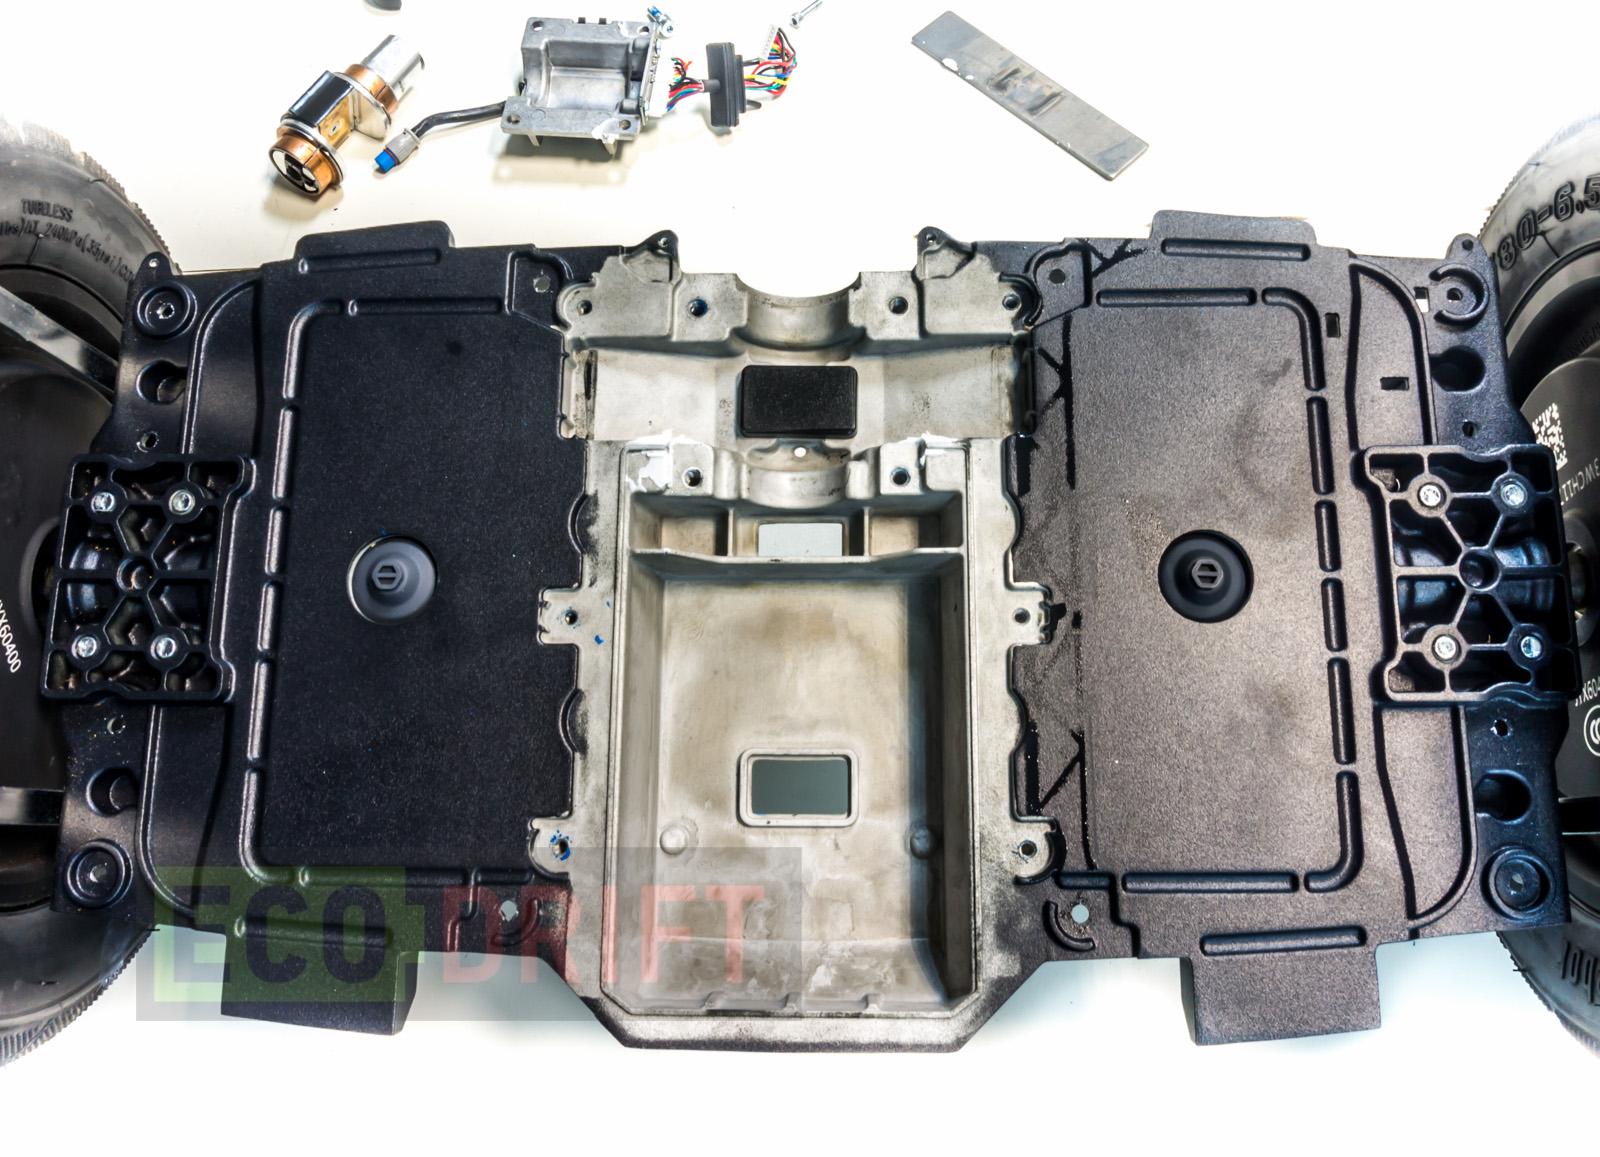 Разбираем минисегвей Xiaomi (Ninebot) Mini Plus